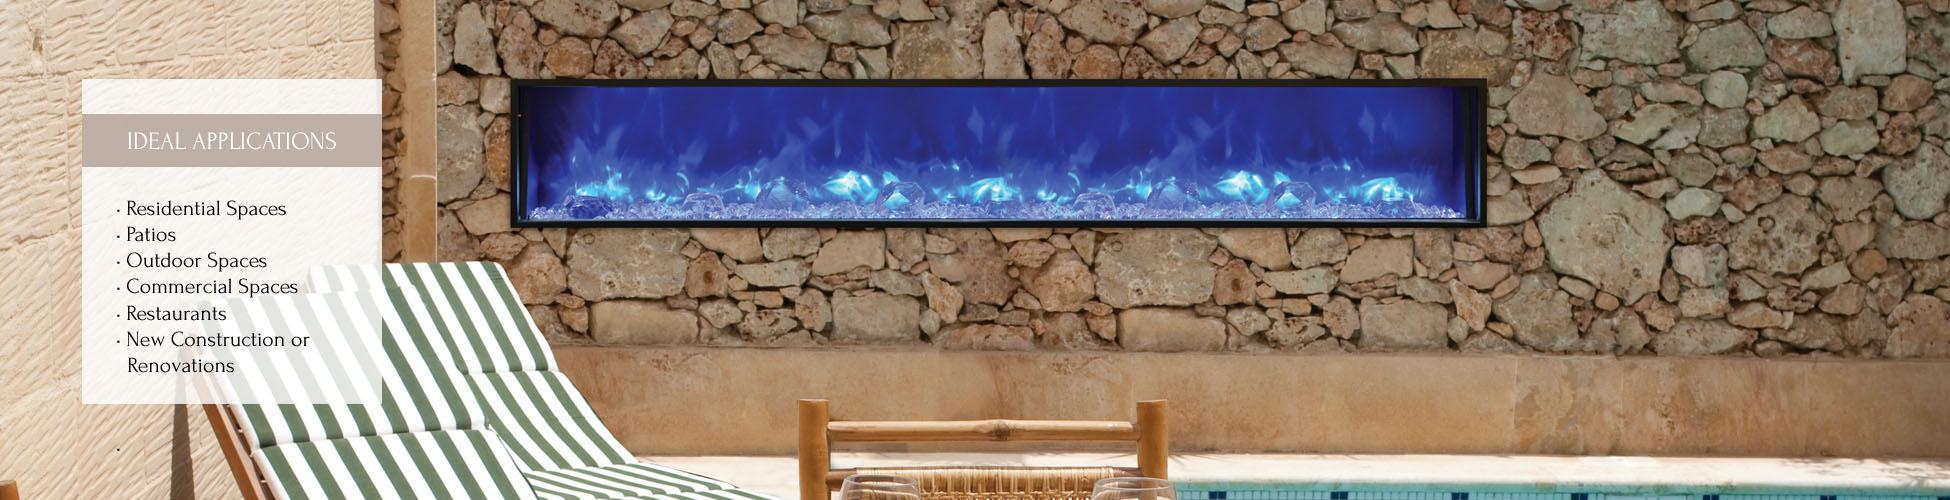 BI-88-SLIM electric fireplace by Amantii